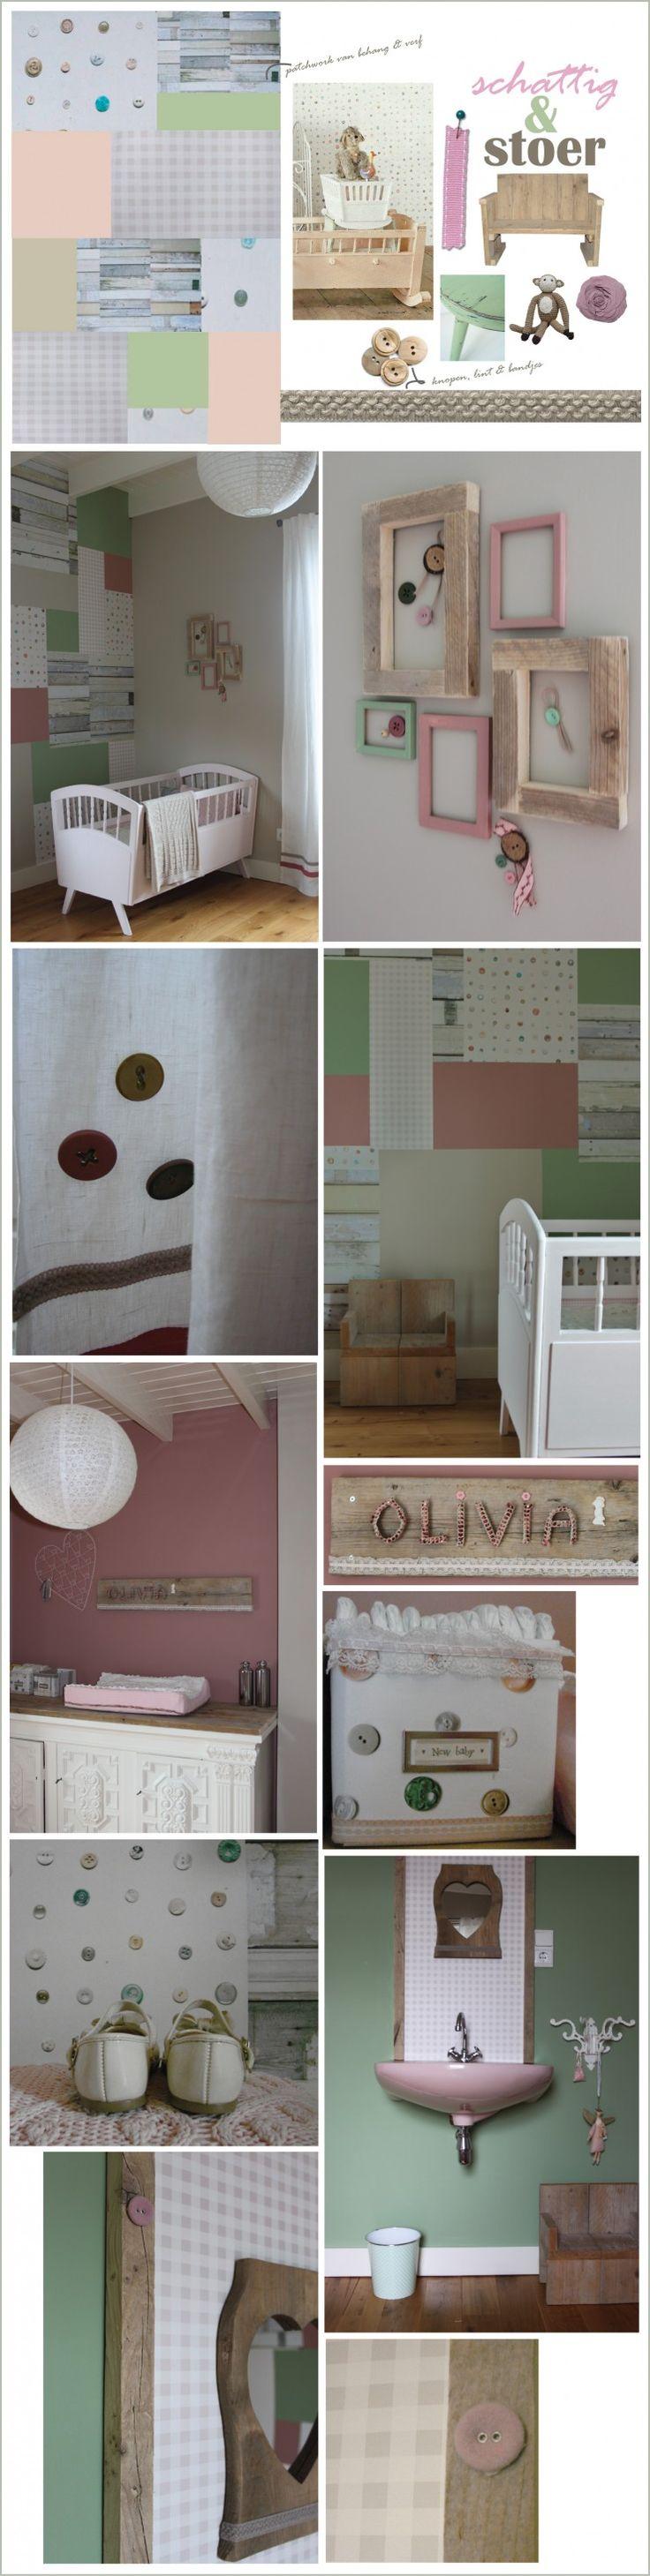 Ontwerp & Styling babykamer | Huis & Grietje